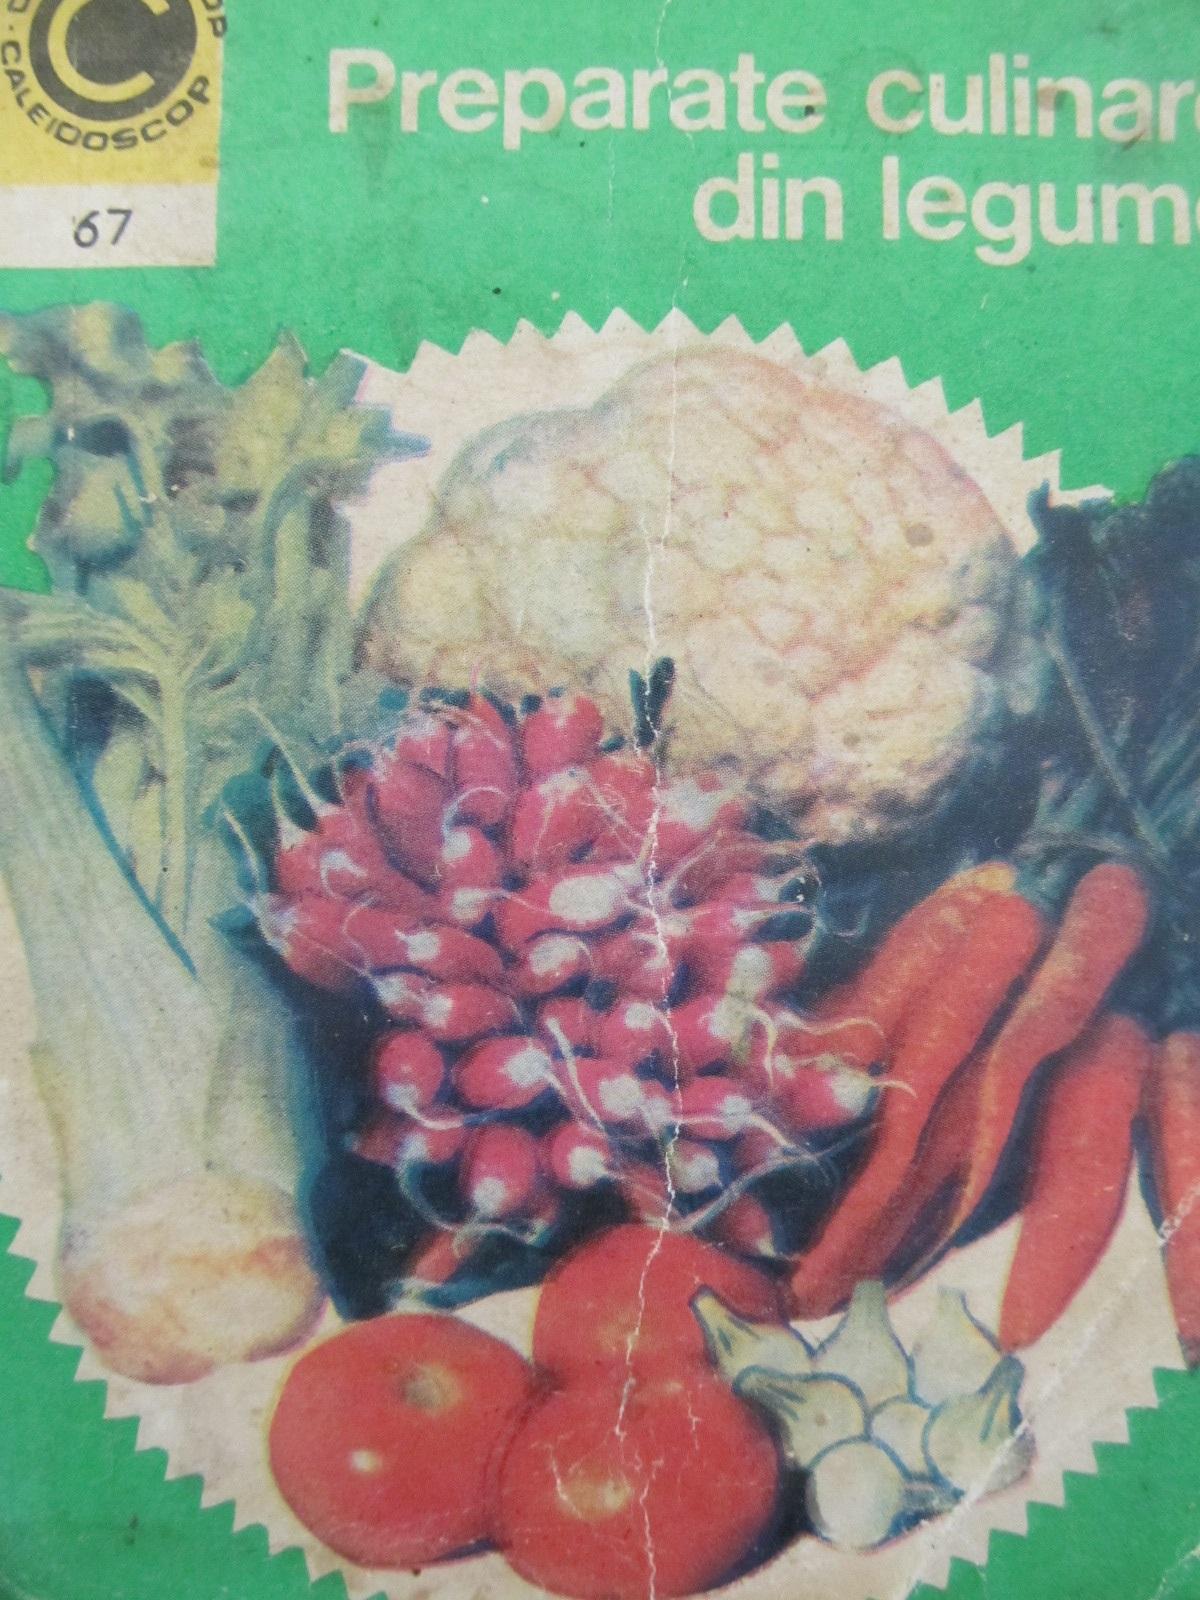 Preparate culinare din legume (67) [1] - Brote Veronica | Detalii carte